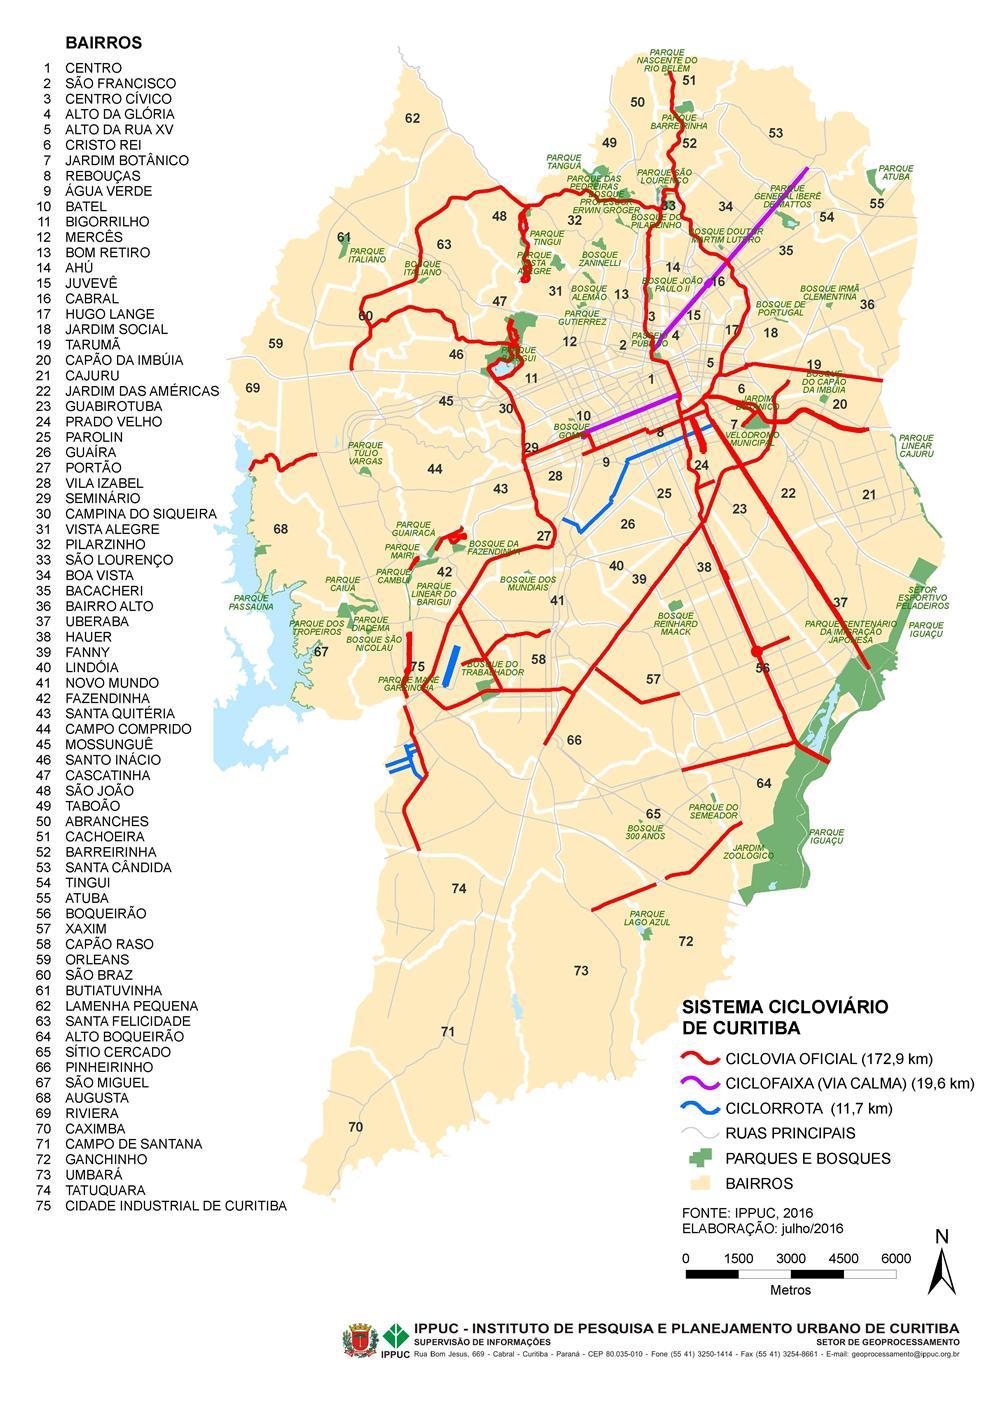 Mapa Cicloviário de Curitiba (2016)